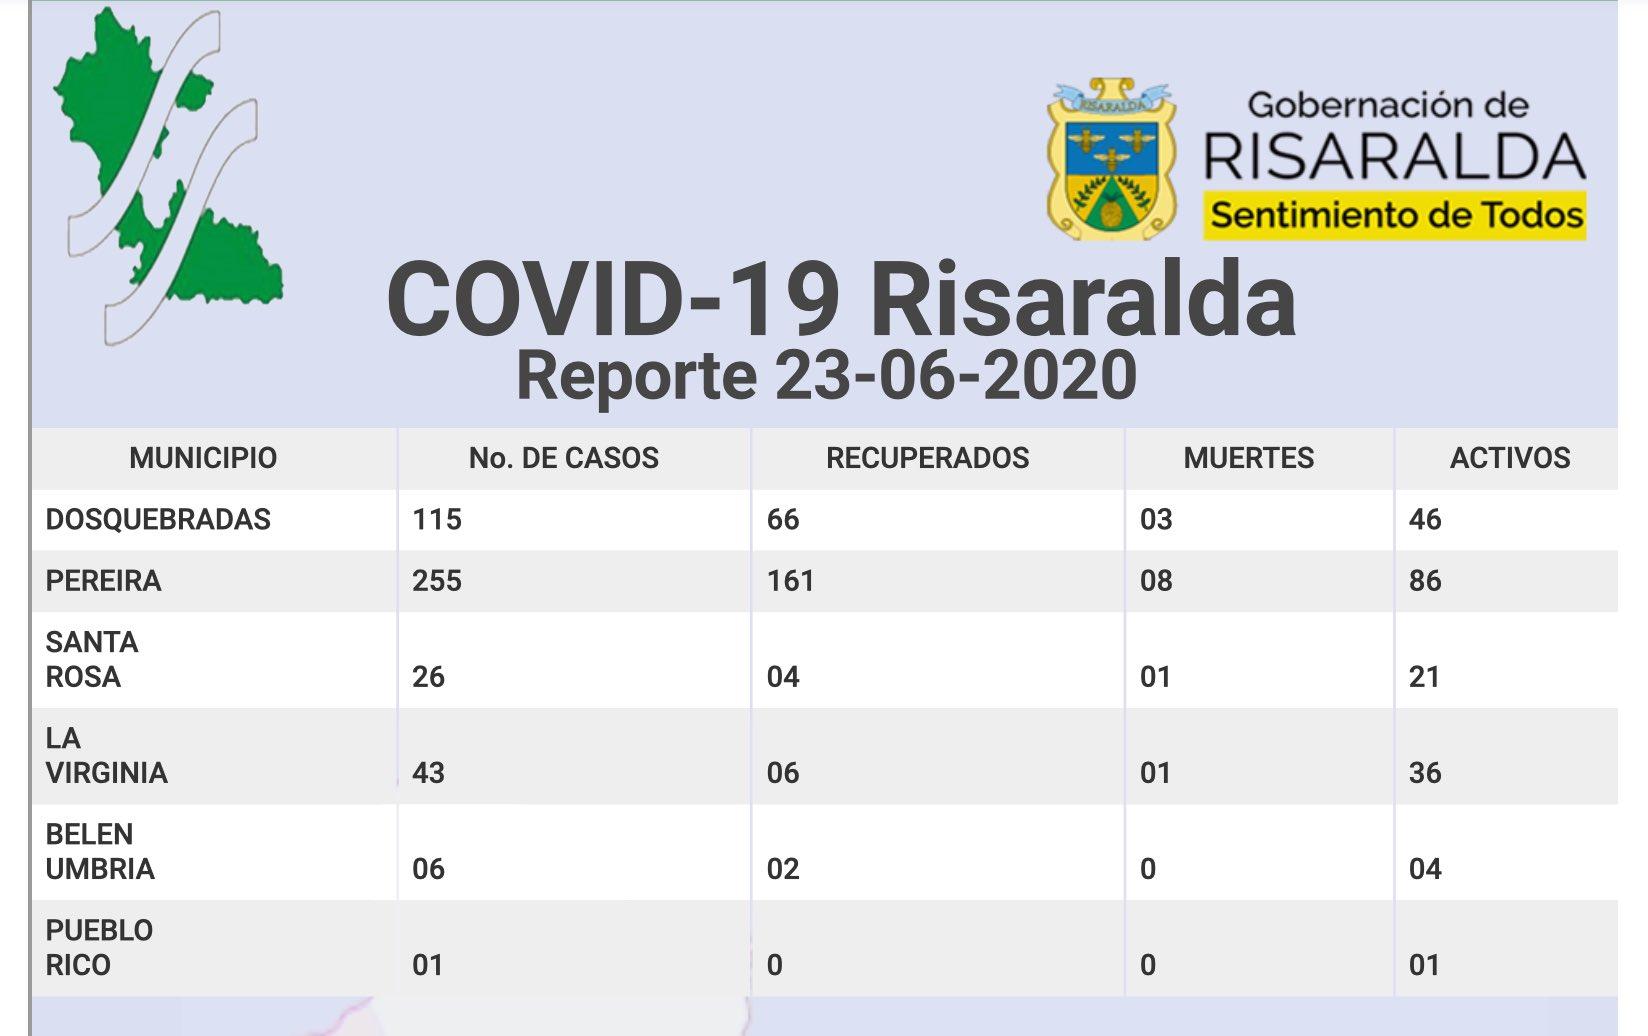 Casos COVID-19 Risaralda - 23 de junio 2020